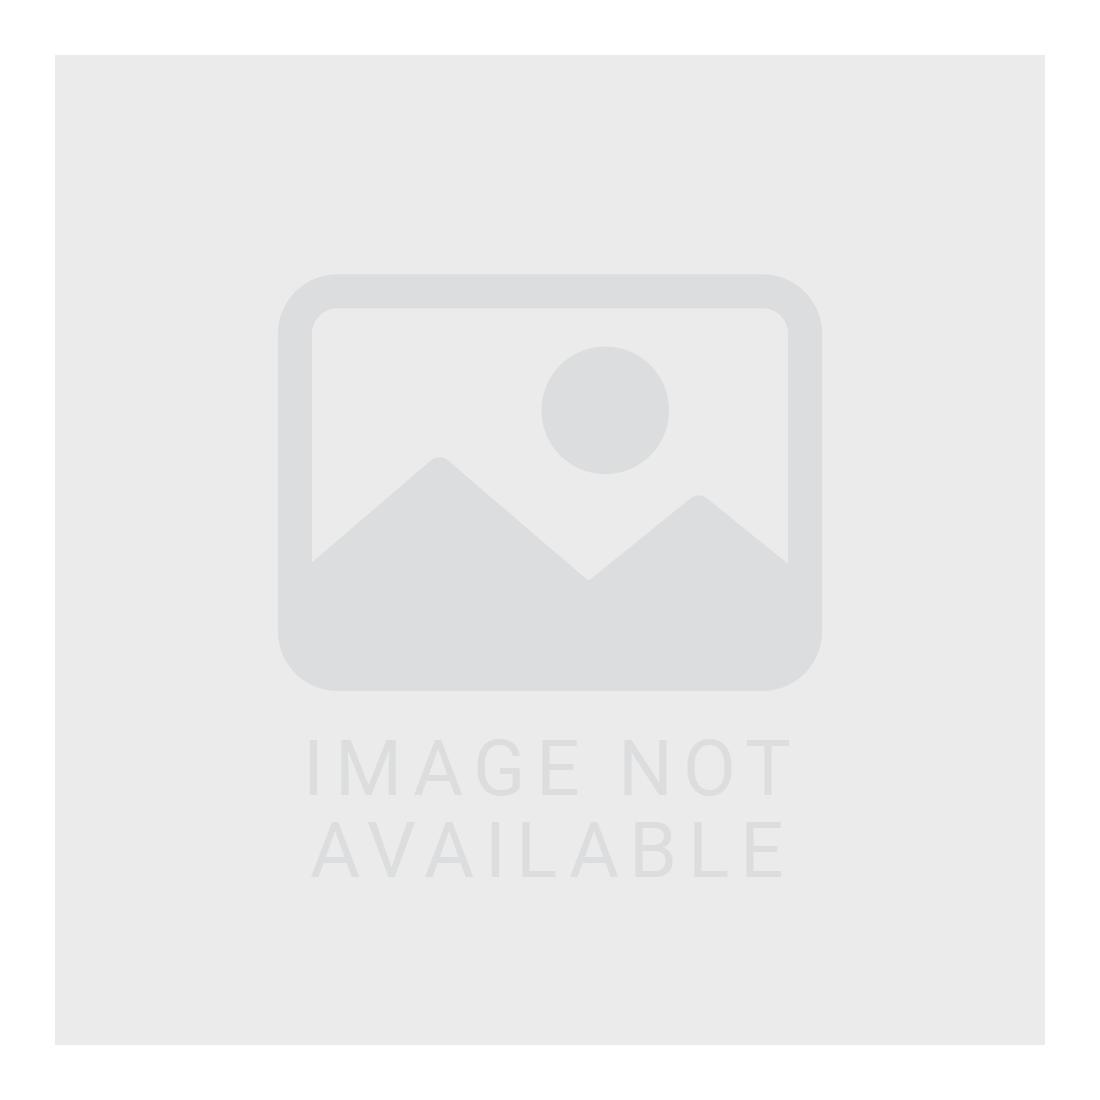 Charger 2021 Calendar